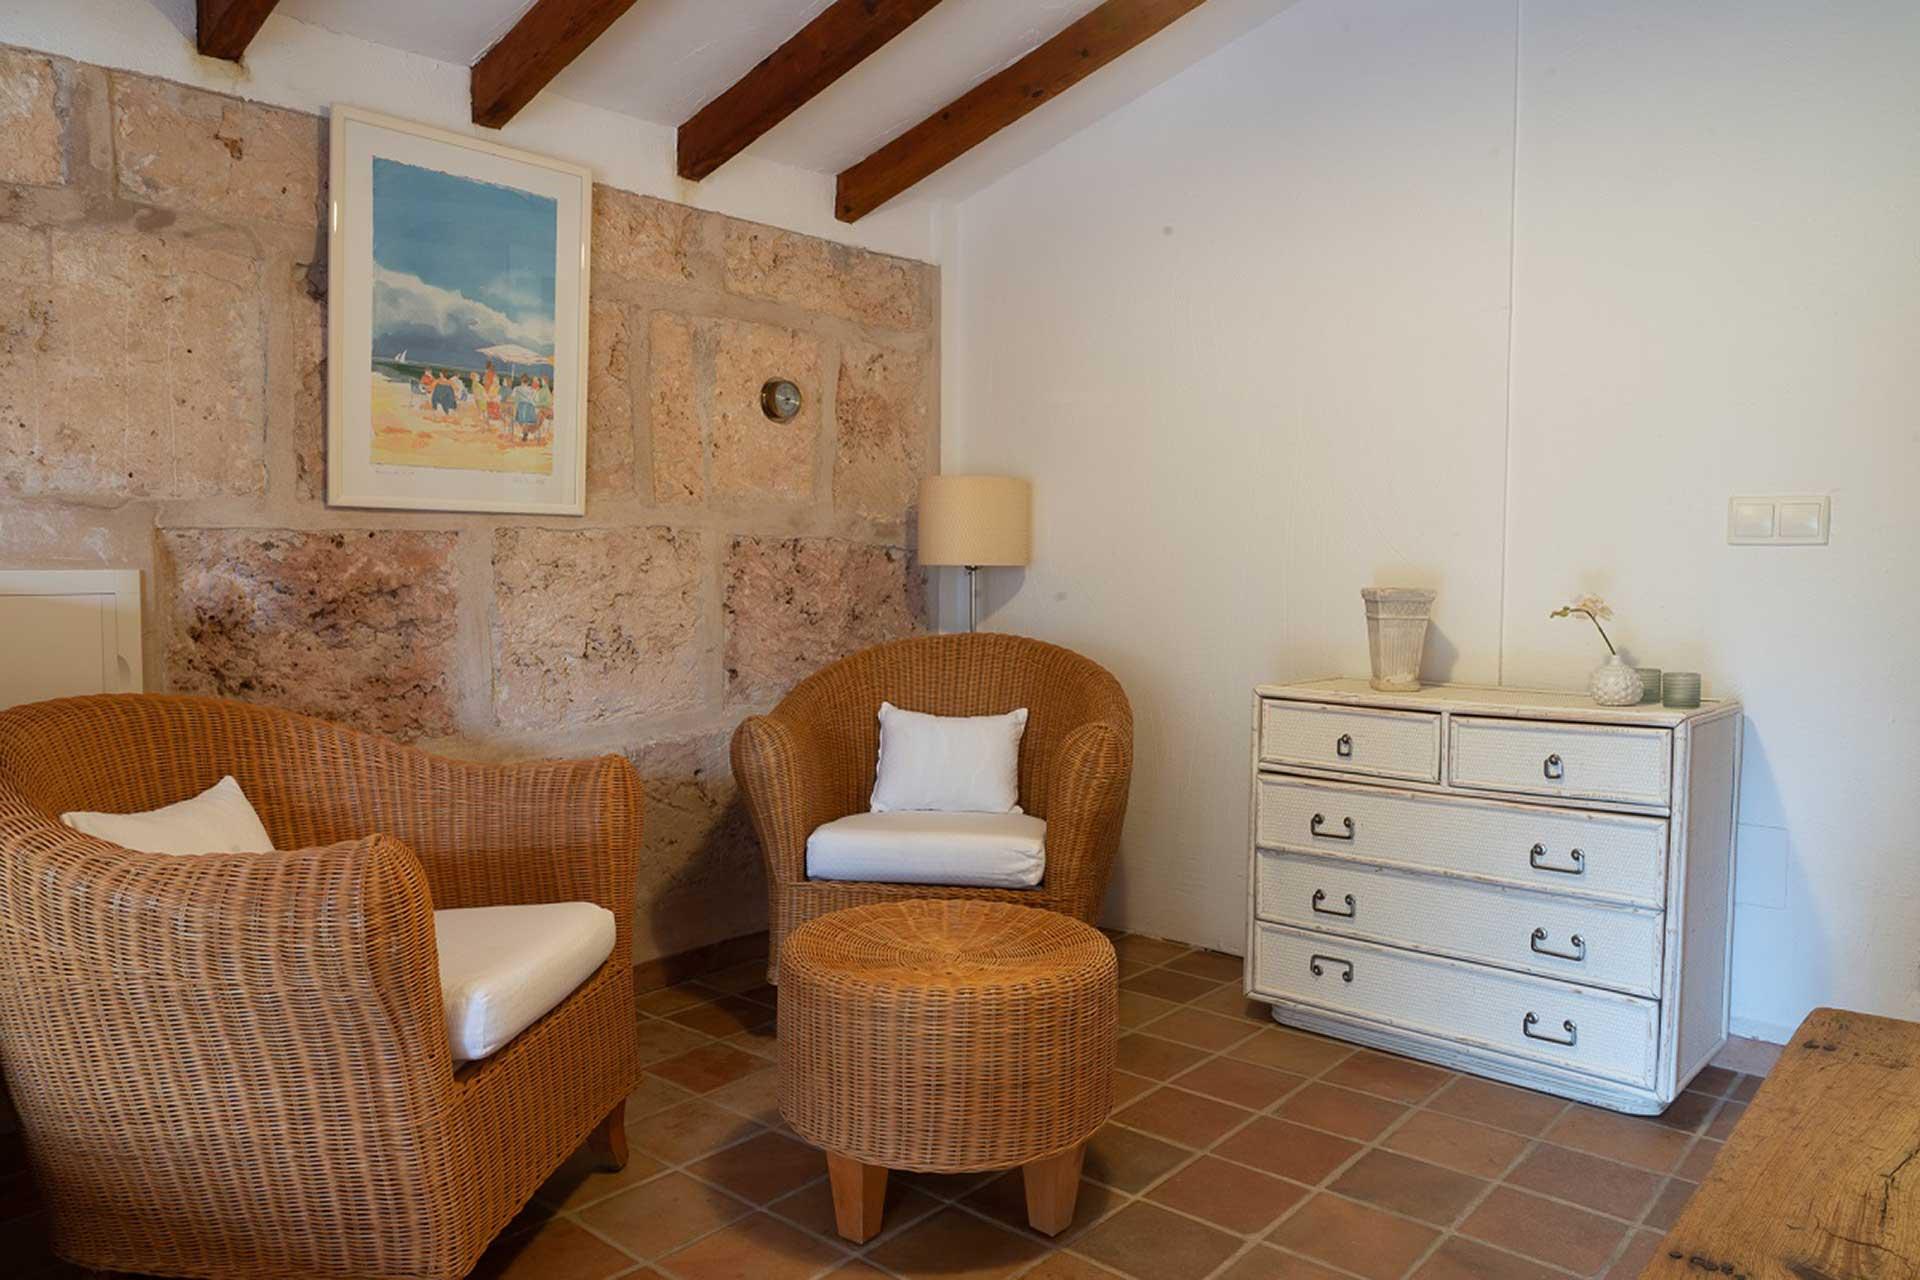 Finca C'an Murtera - Suite no. 2 first floor center